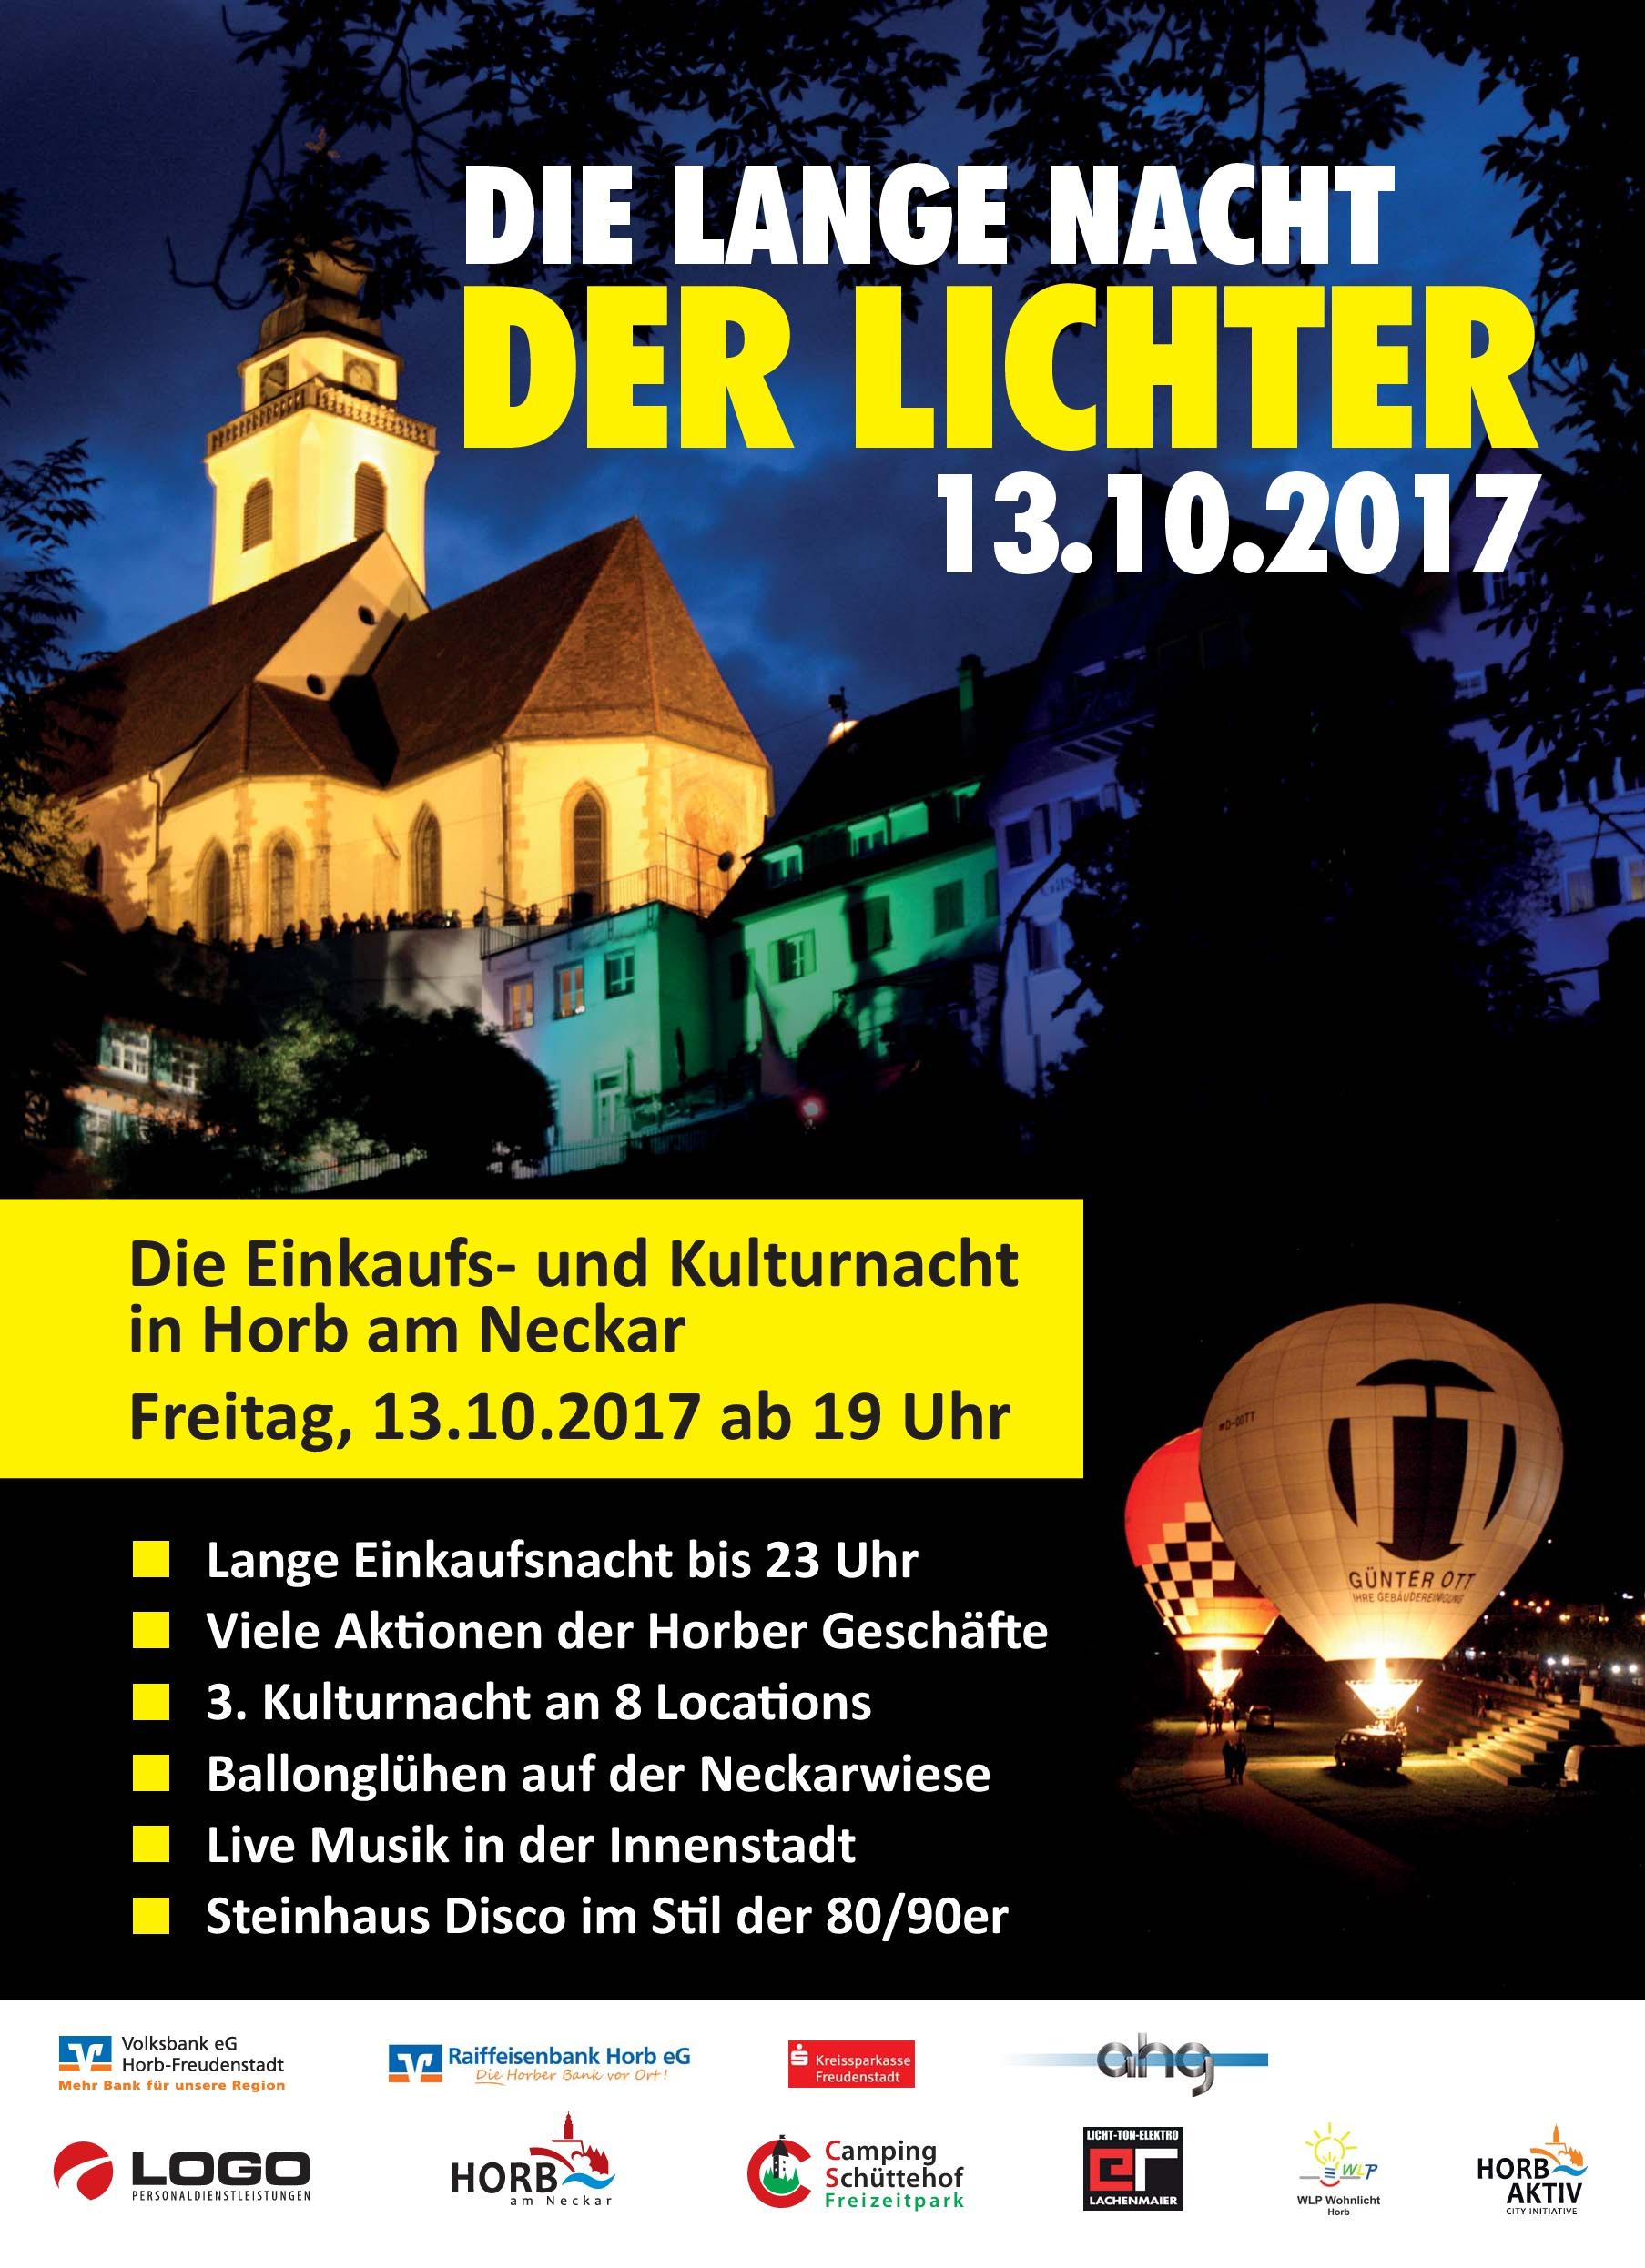 Lange Nacht der Lichter 2017